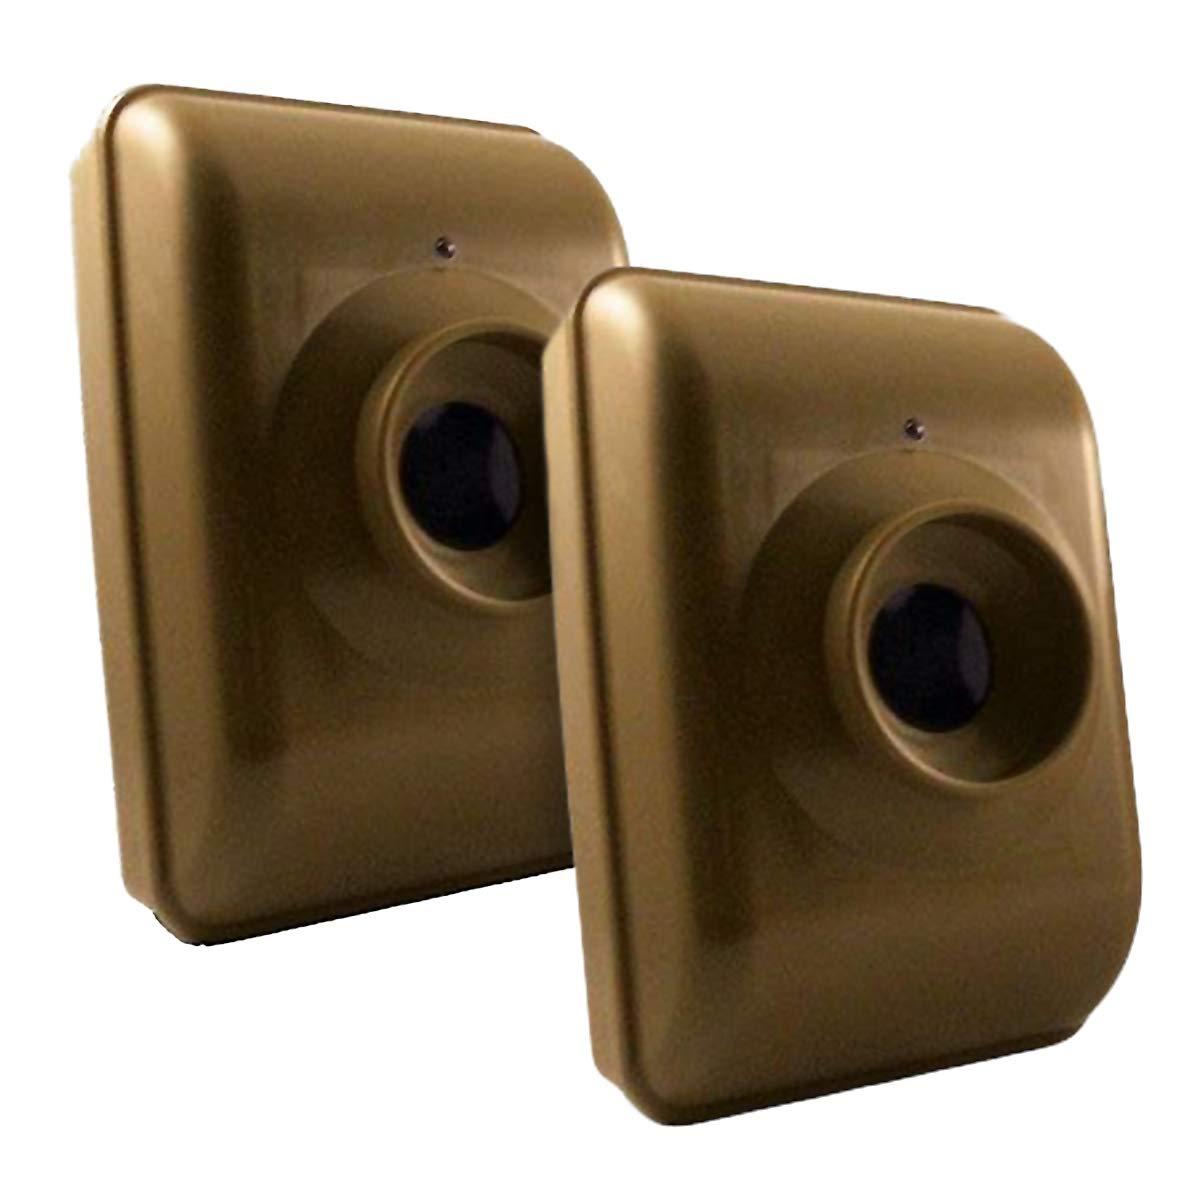 Passive Infrared Motion Detector 2-Pack Dakota Alert DCMT-2500 Wireless Transmitter